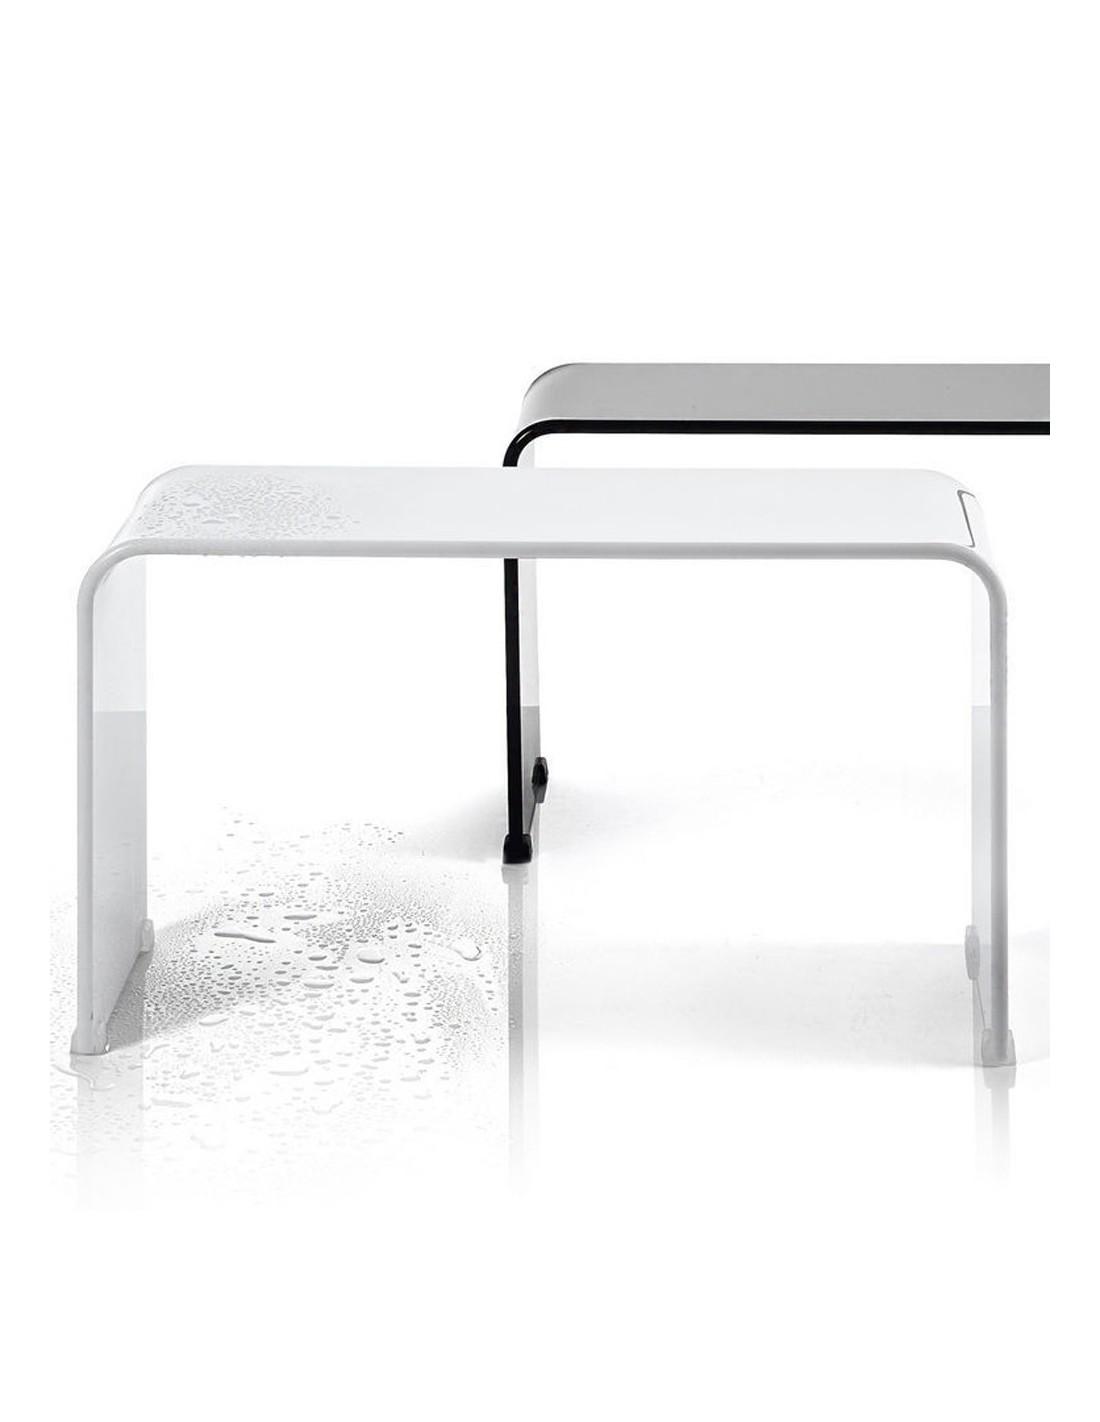 banc douche noir et blanc decor walther. Black Bedroom Furniture Sets. Home Design Ideas